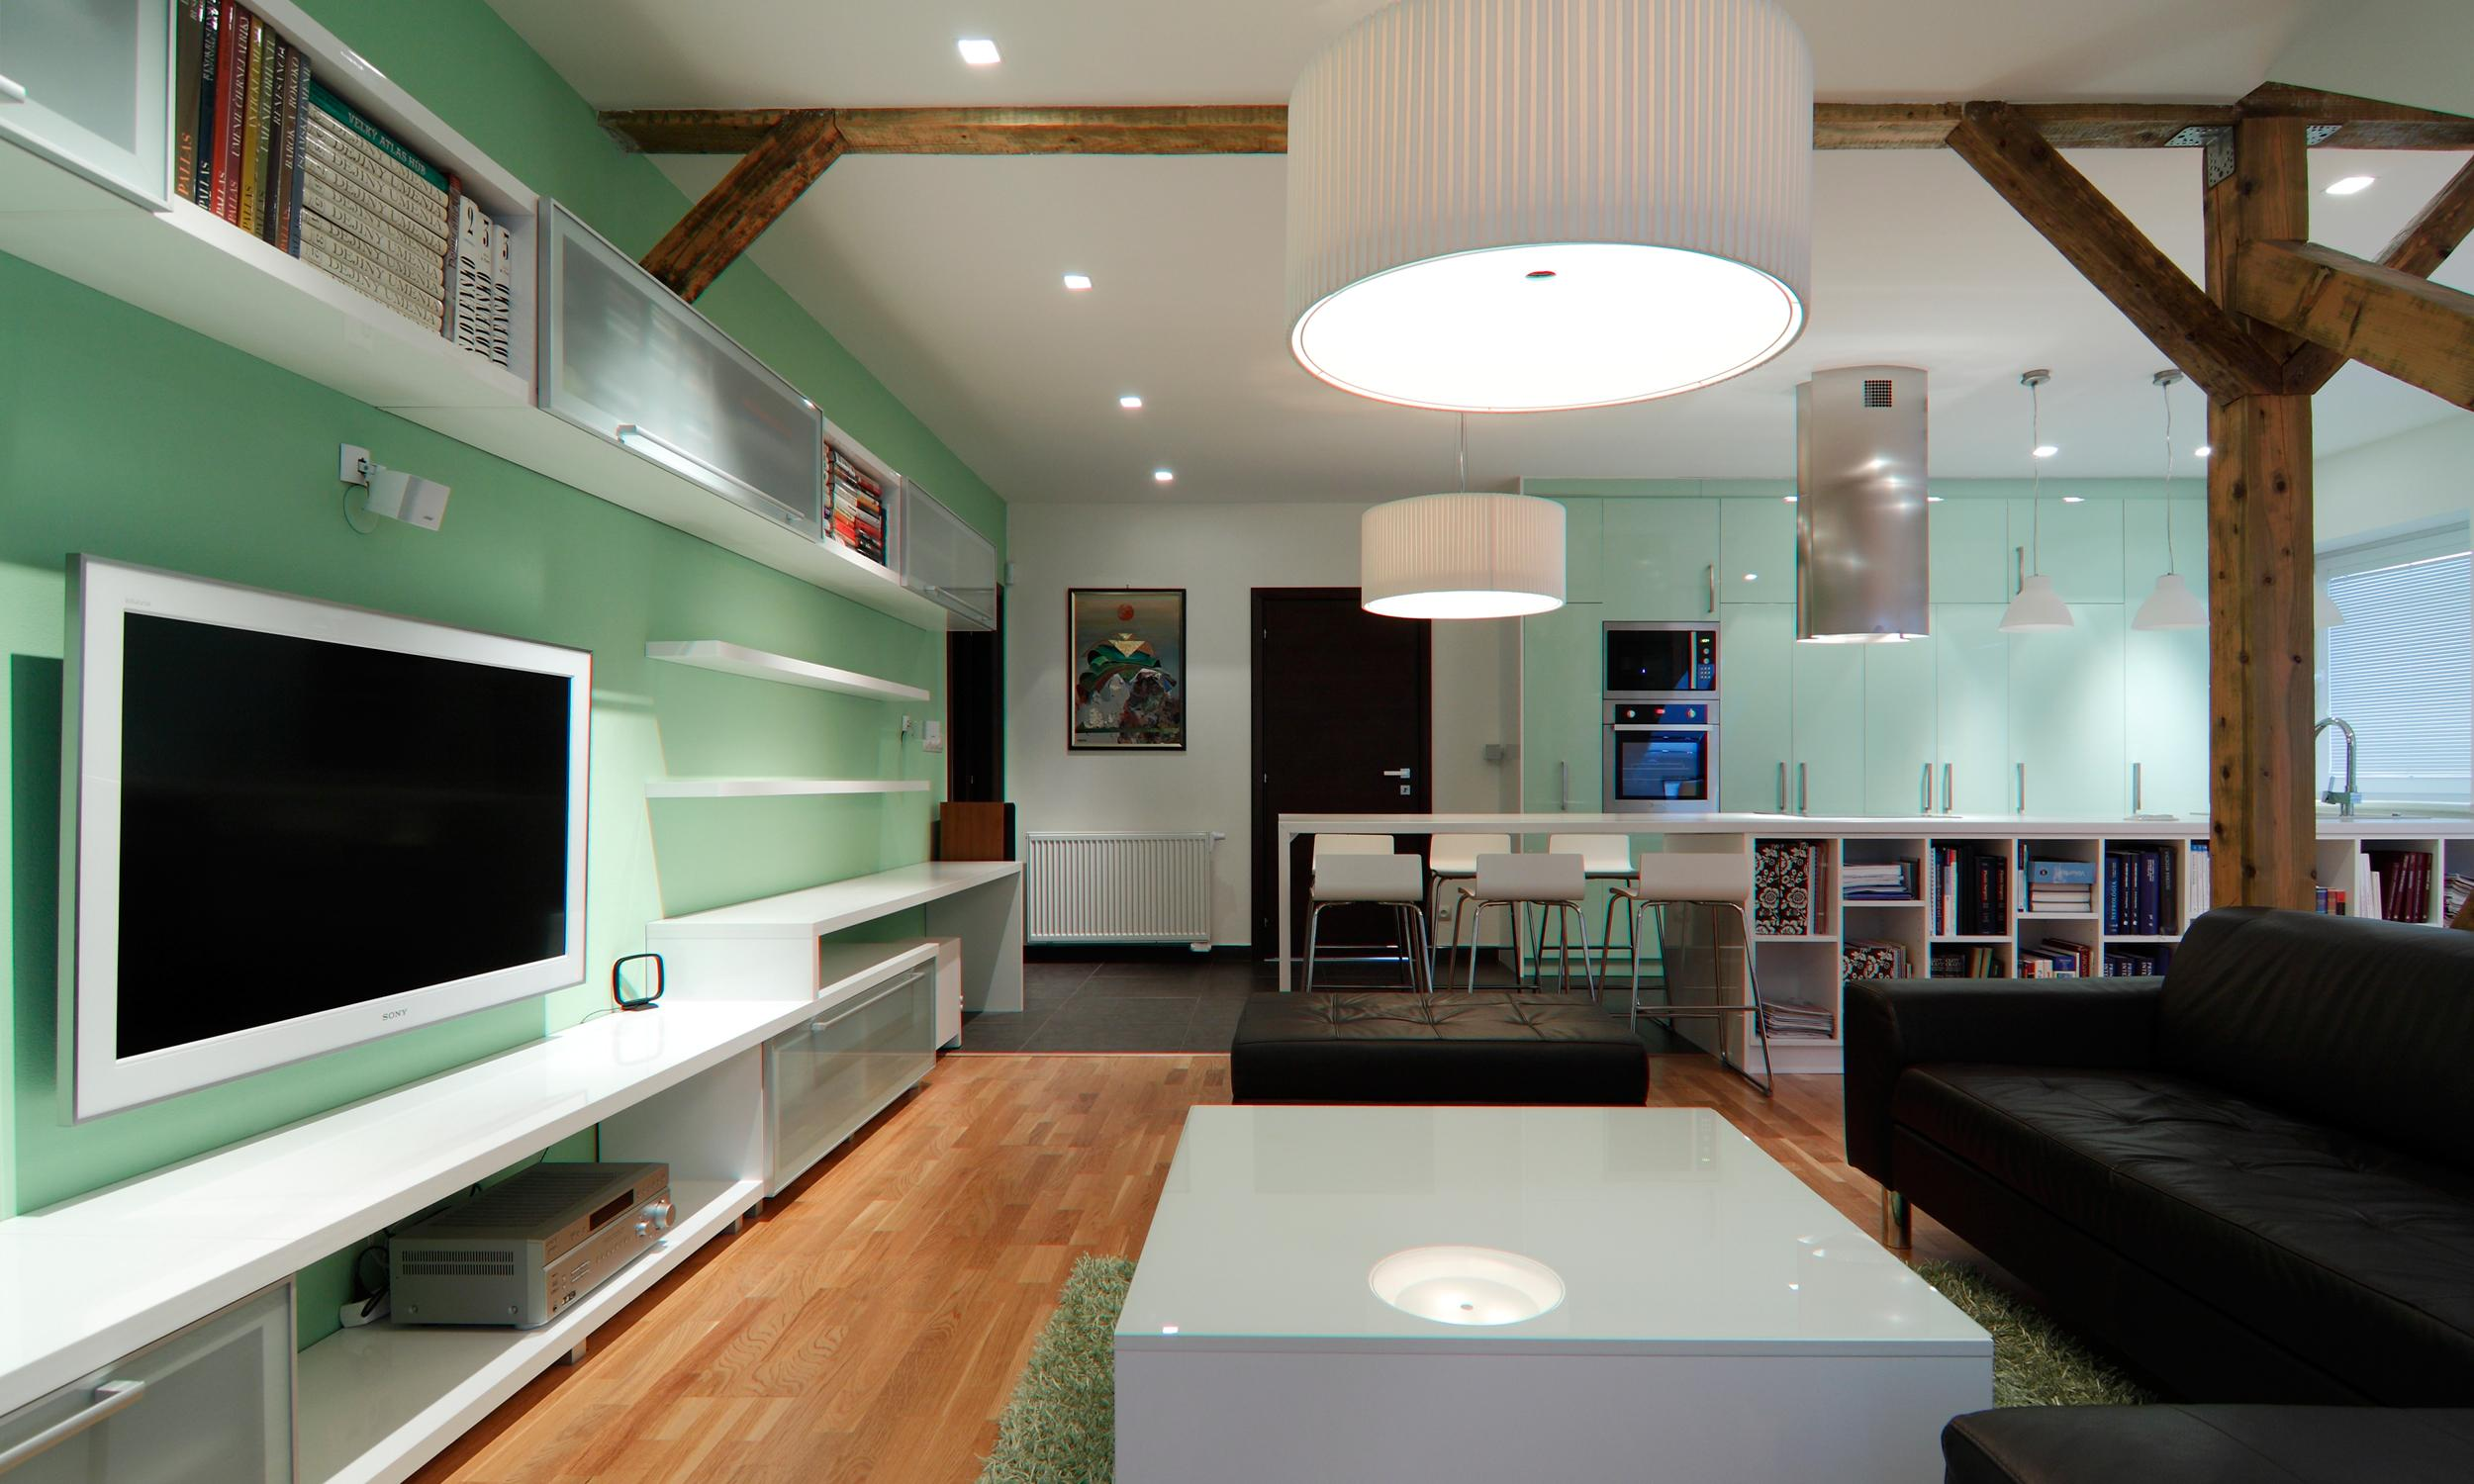 wand hinter fernseher tv kabel wand verstecken ihr traumhaus ideen das ergebnis der ganzen. Black Bedroom Furniture Sets. Home Design Ideas